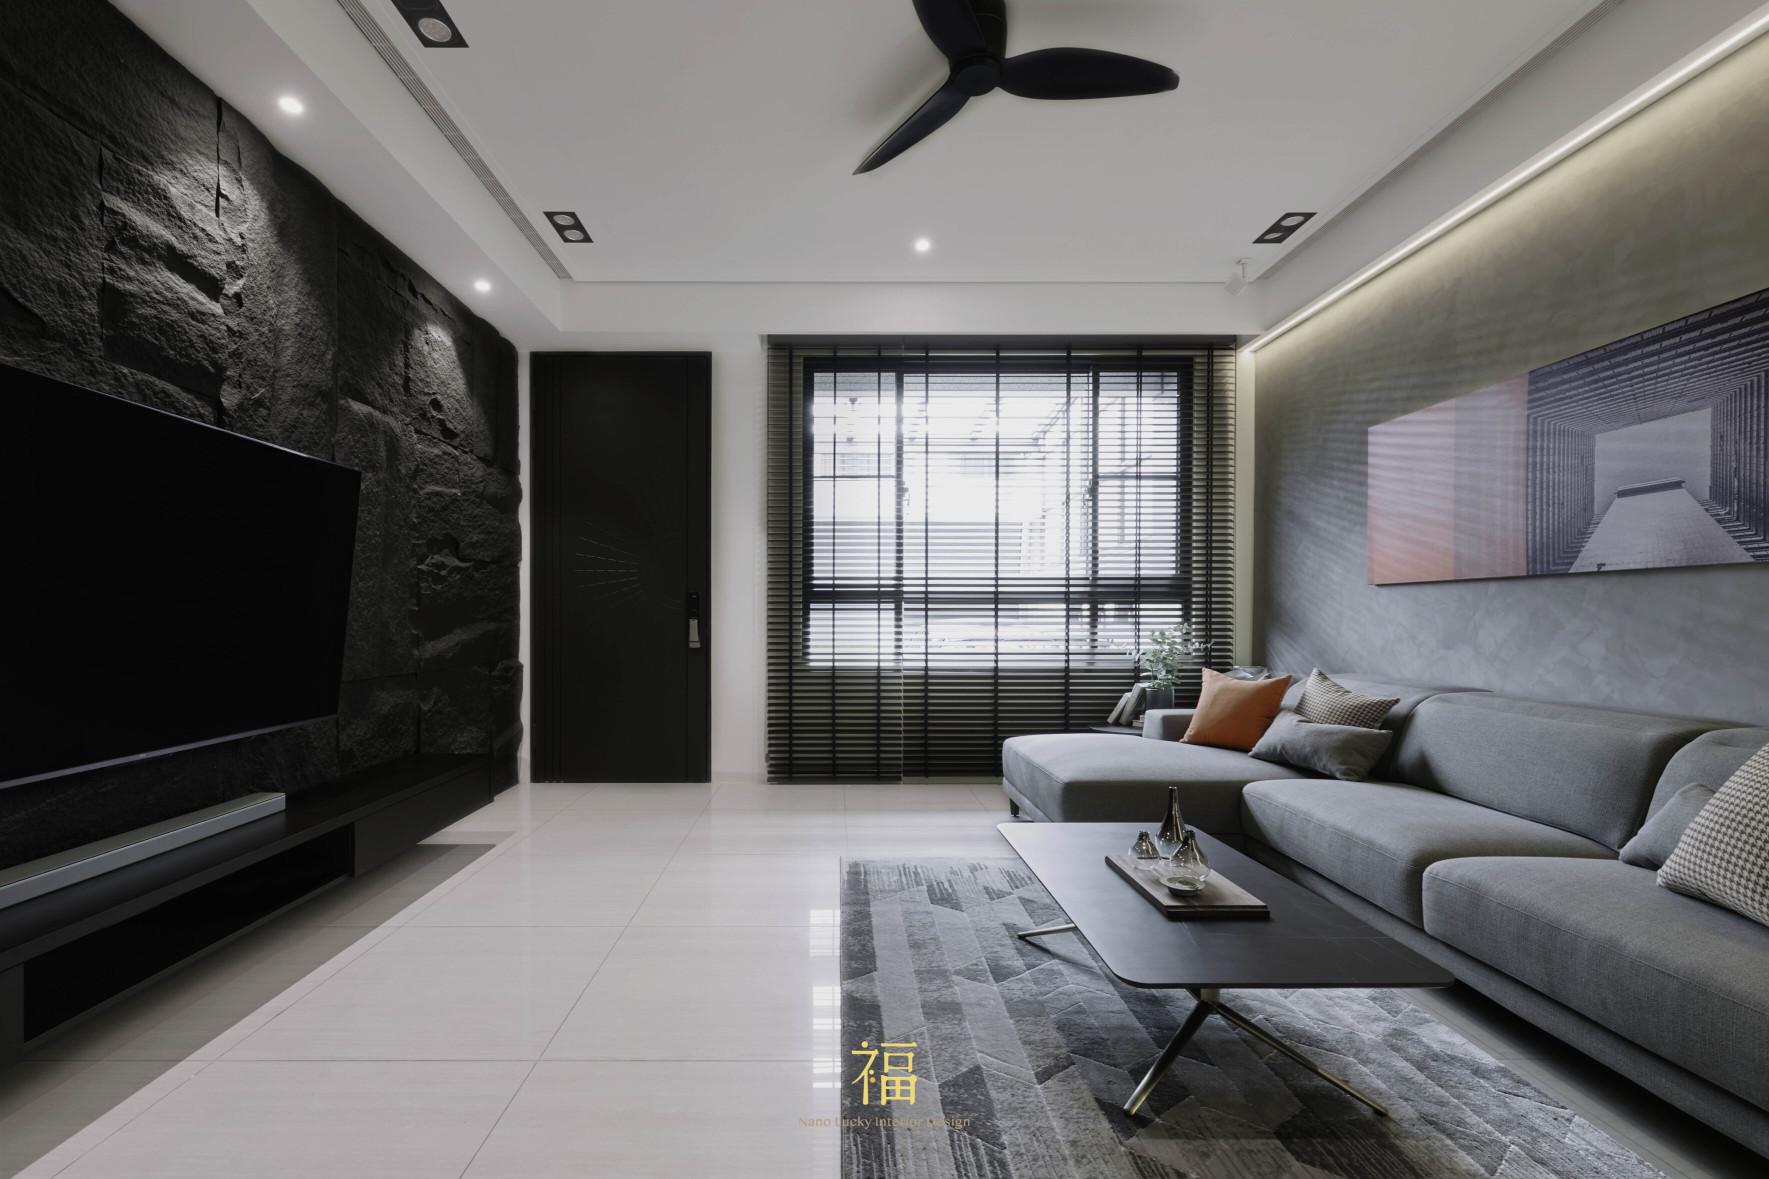 福宅雅居|灰與黑色調搭配|嘉義住宅空間設計